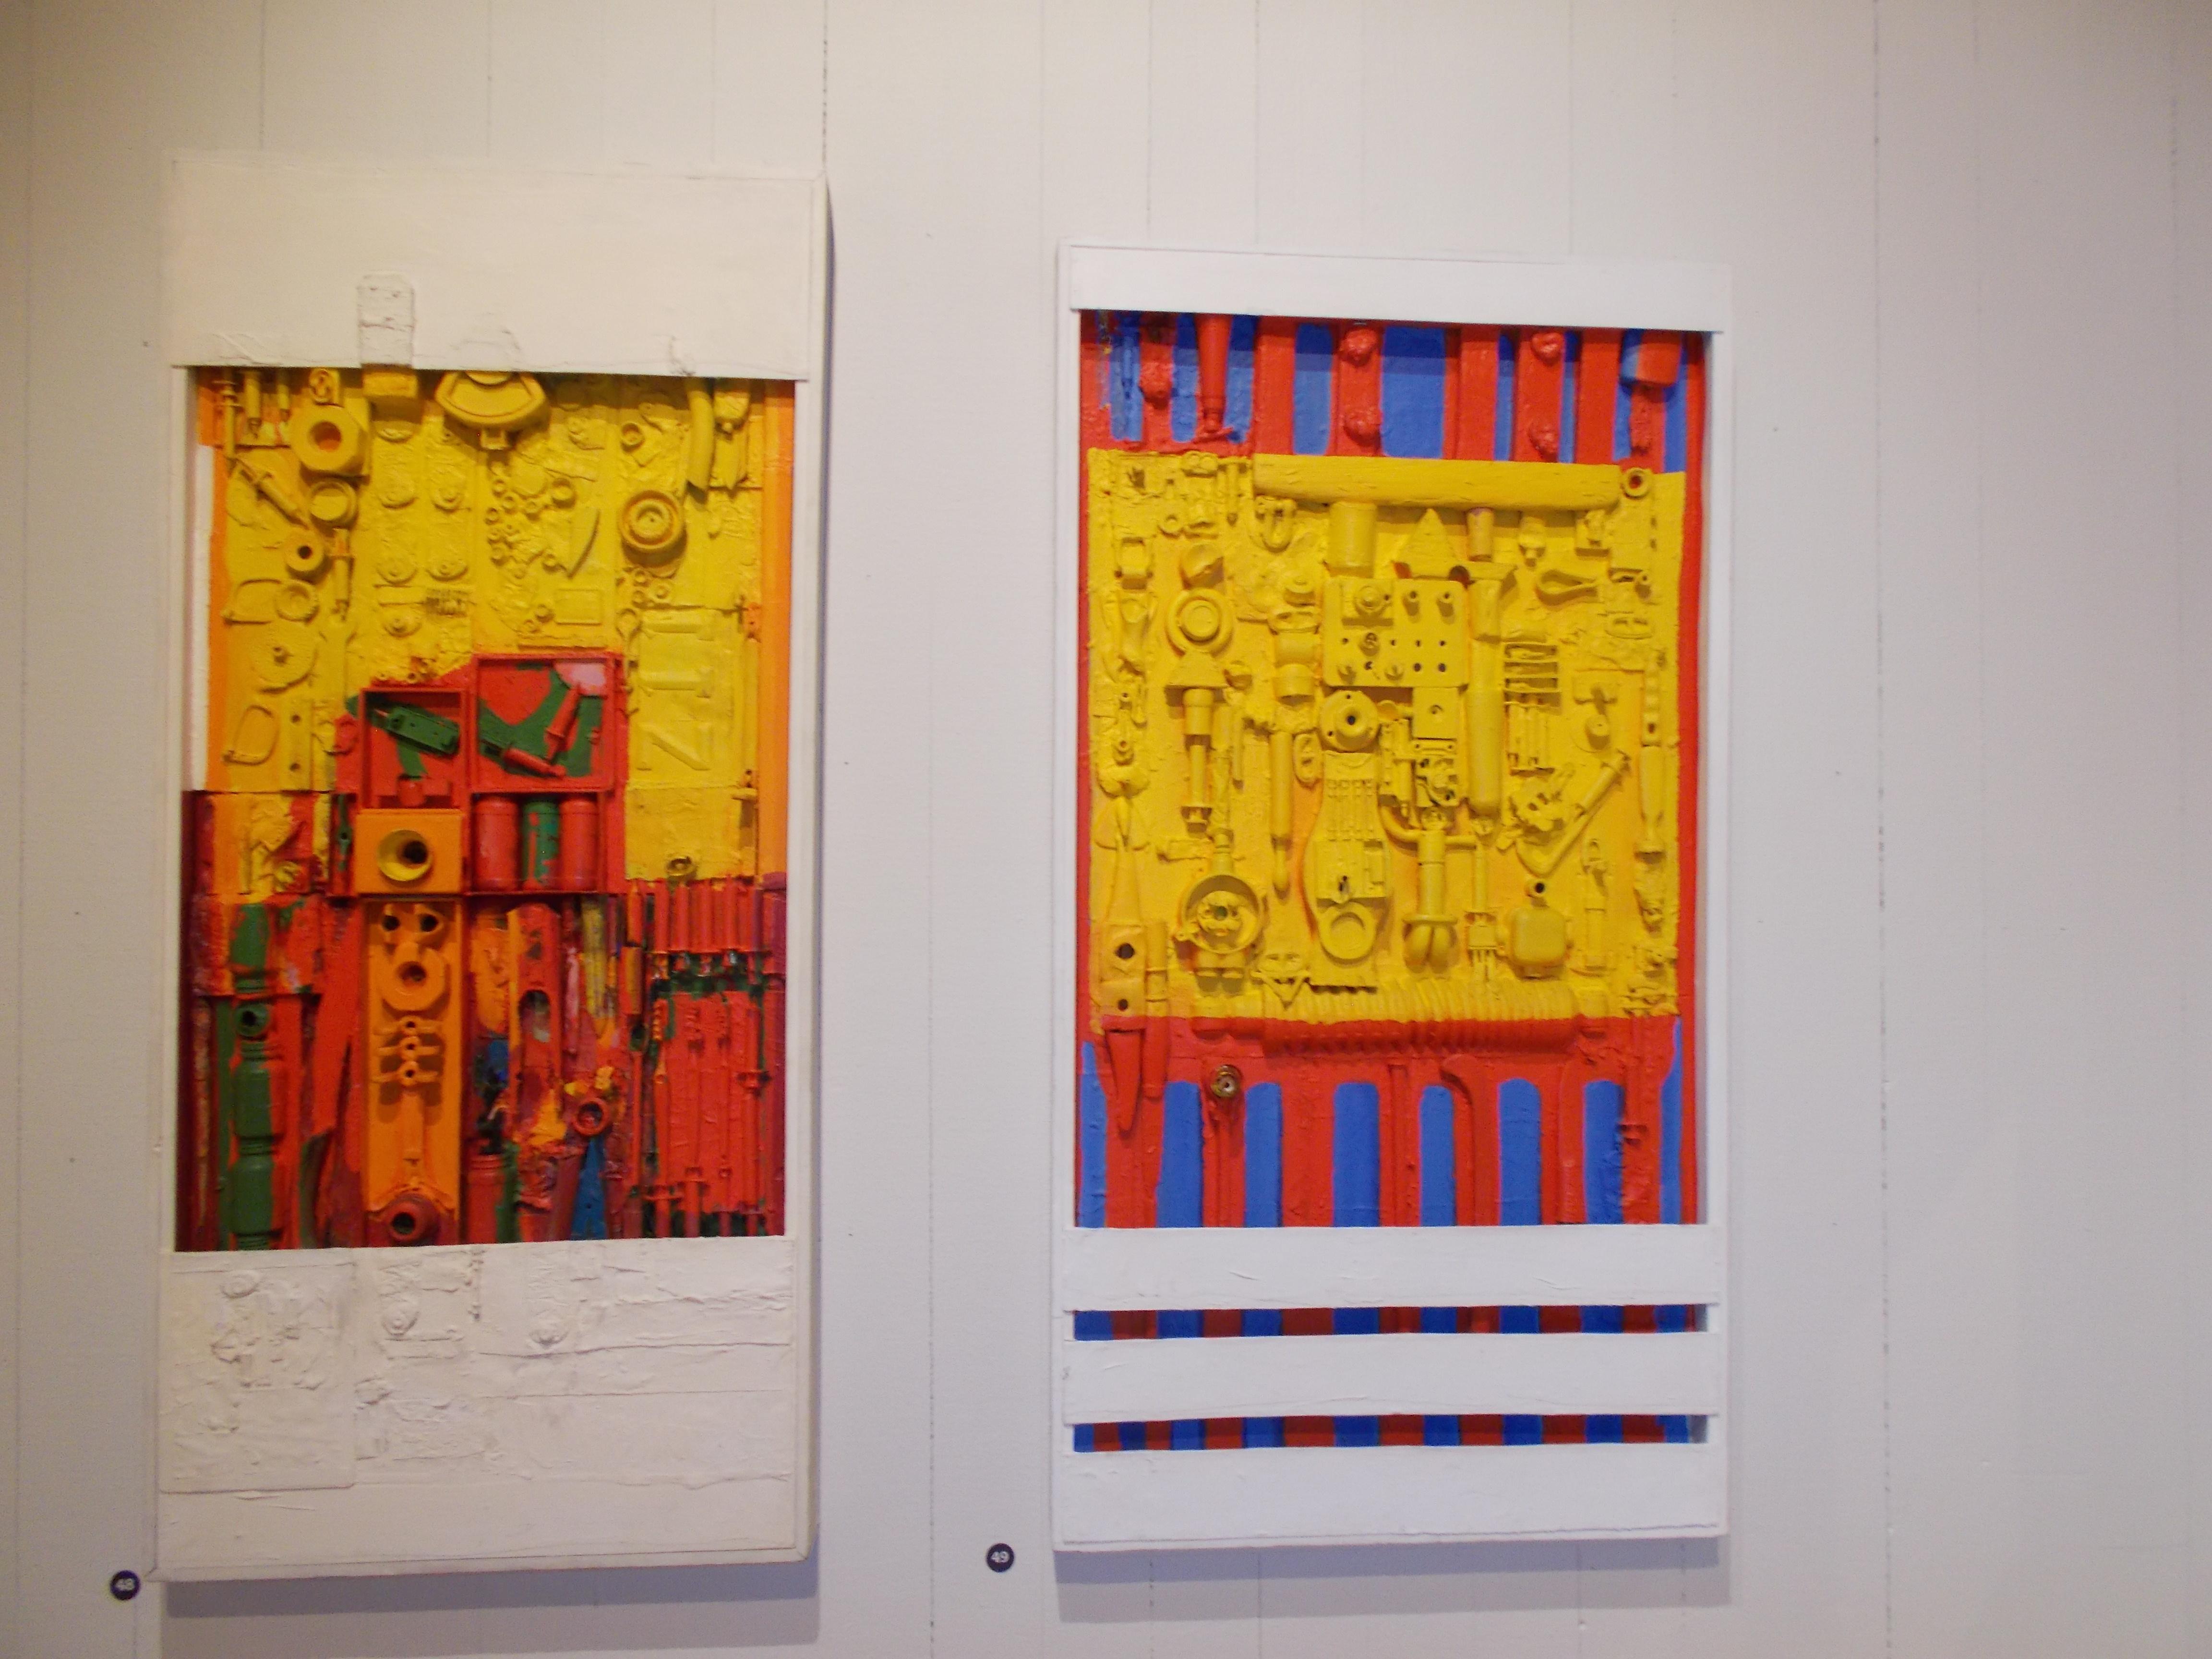 Två färgglada tavlor med mycket rött, gult och gulmålade verktyg.